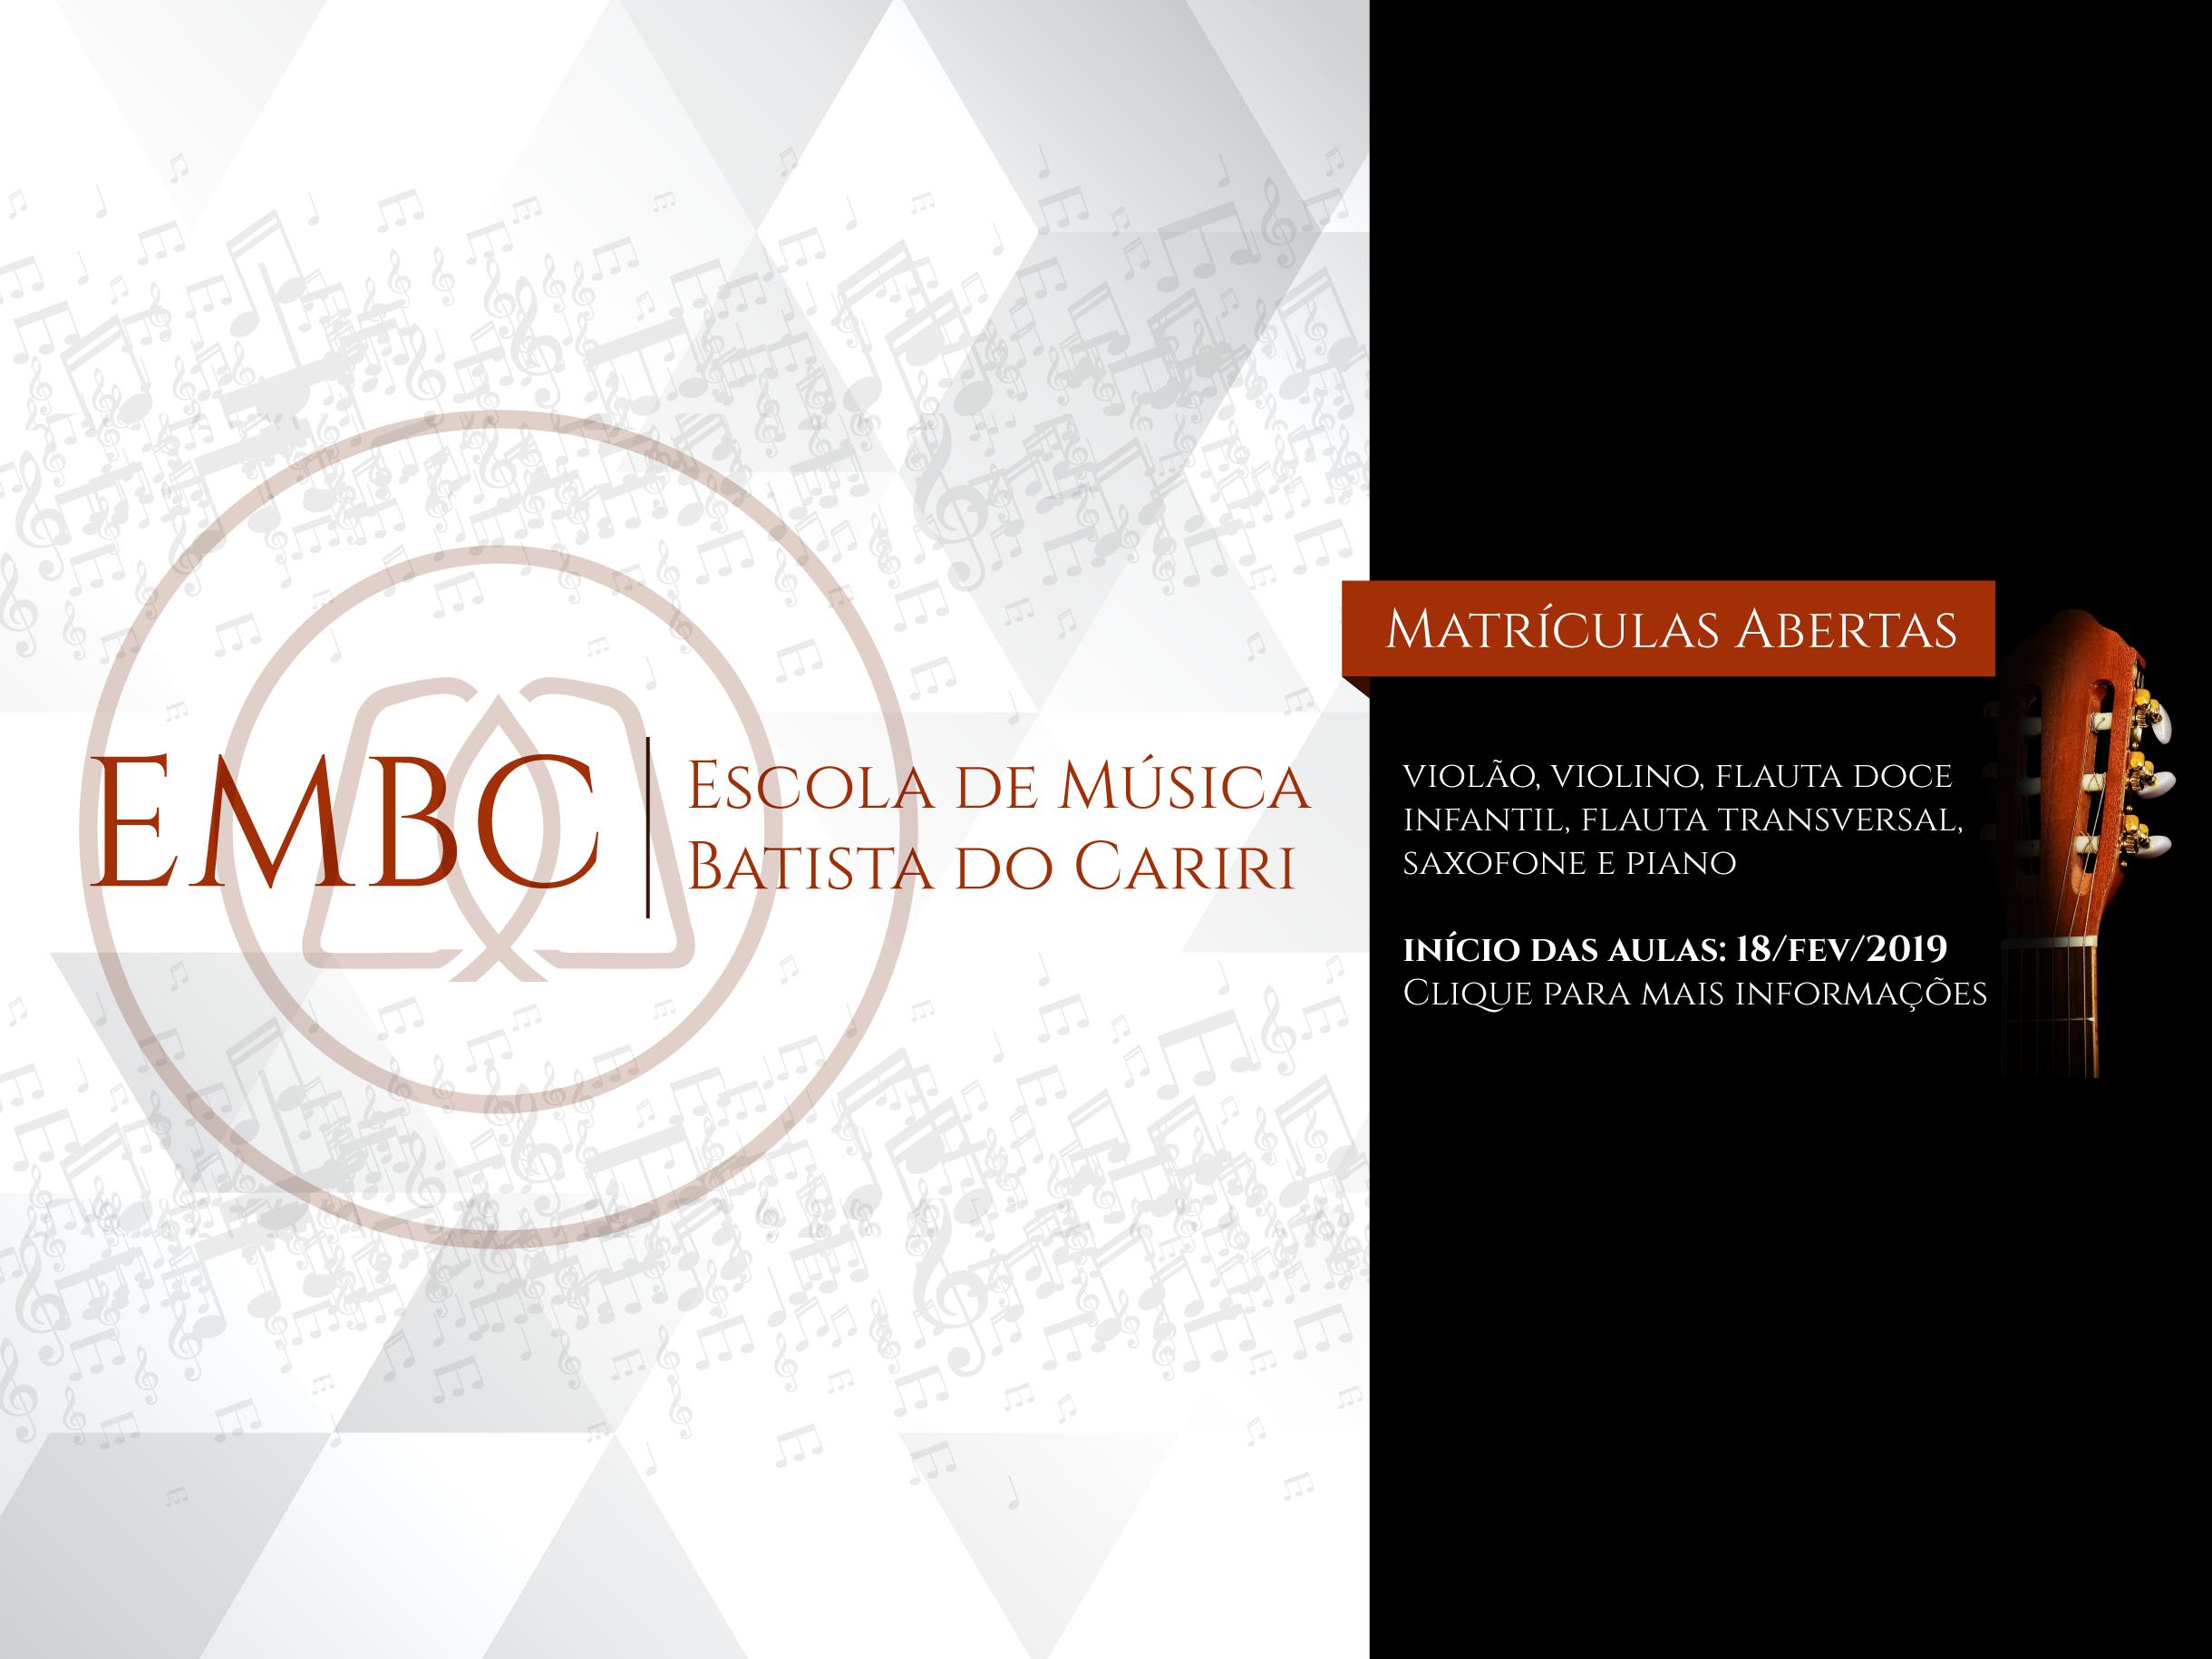 embc escola de música batista do cariri inscrições abertas